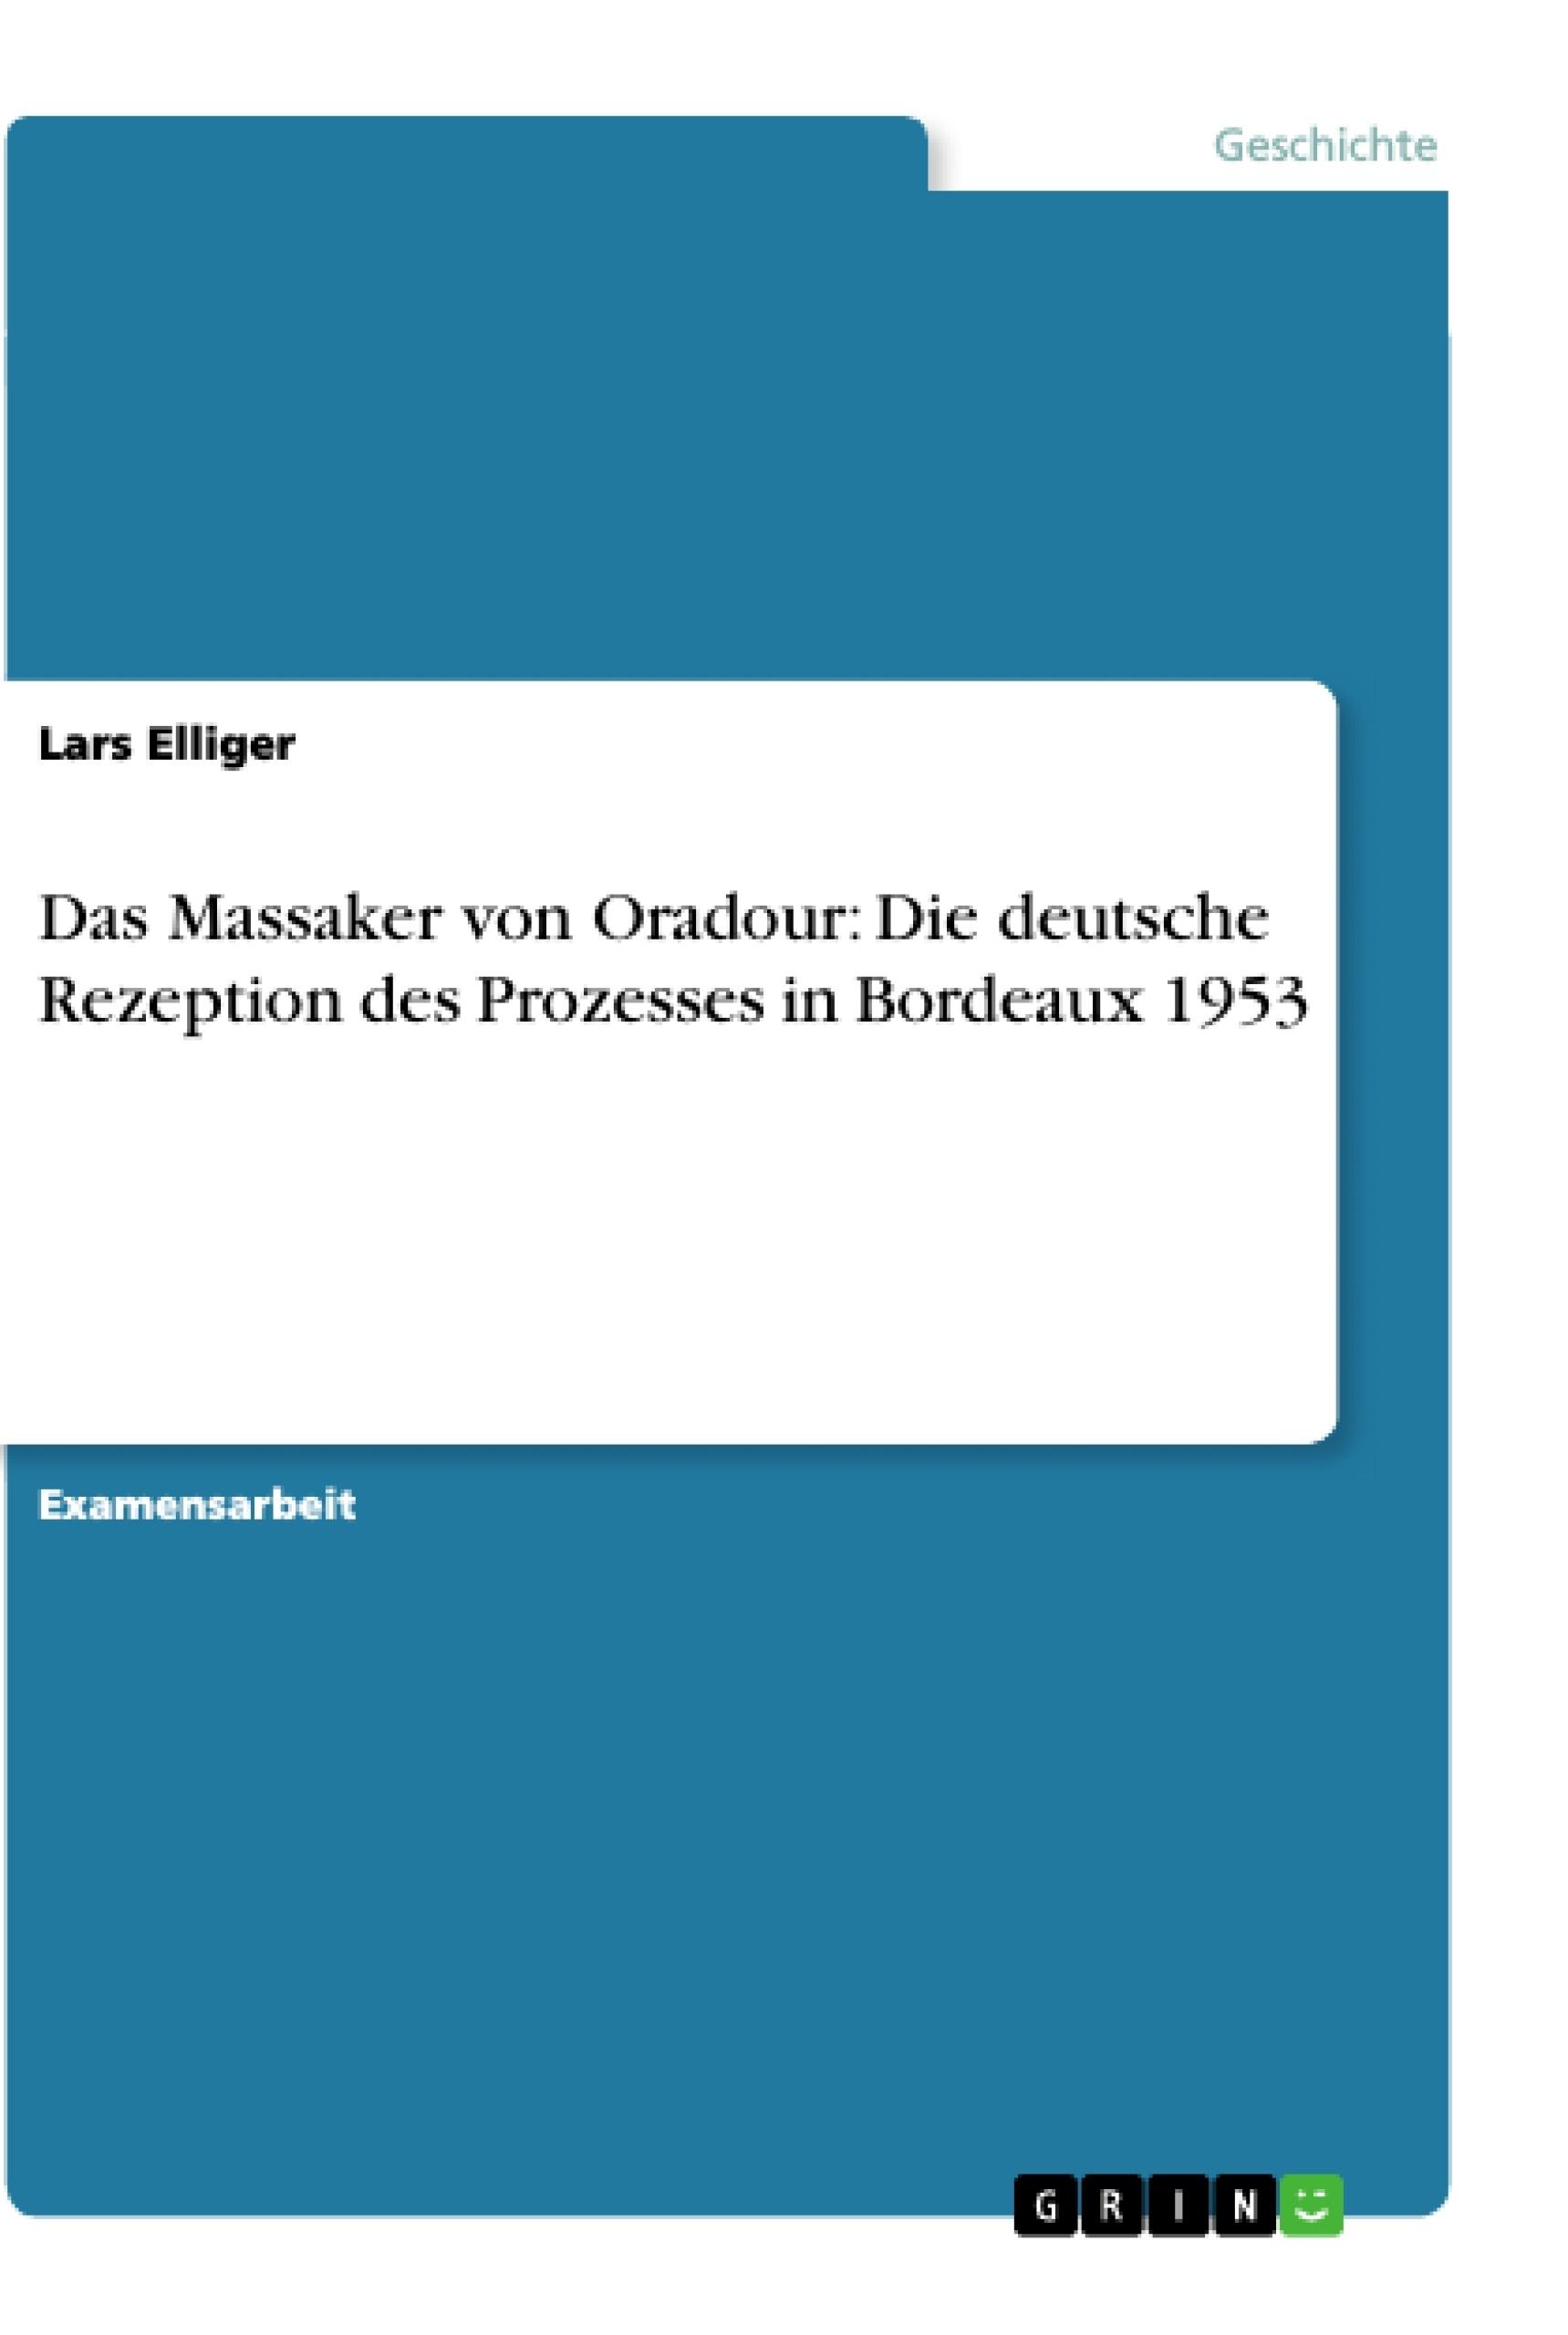 Titel: Das Massaker von Oradour: Die deutsche Rezeption des Prozesses in Bordeaux 1953